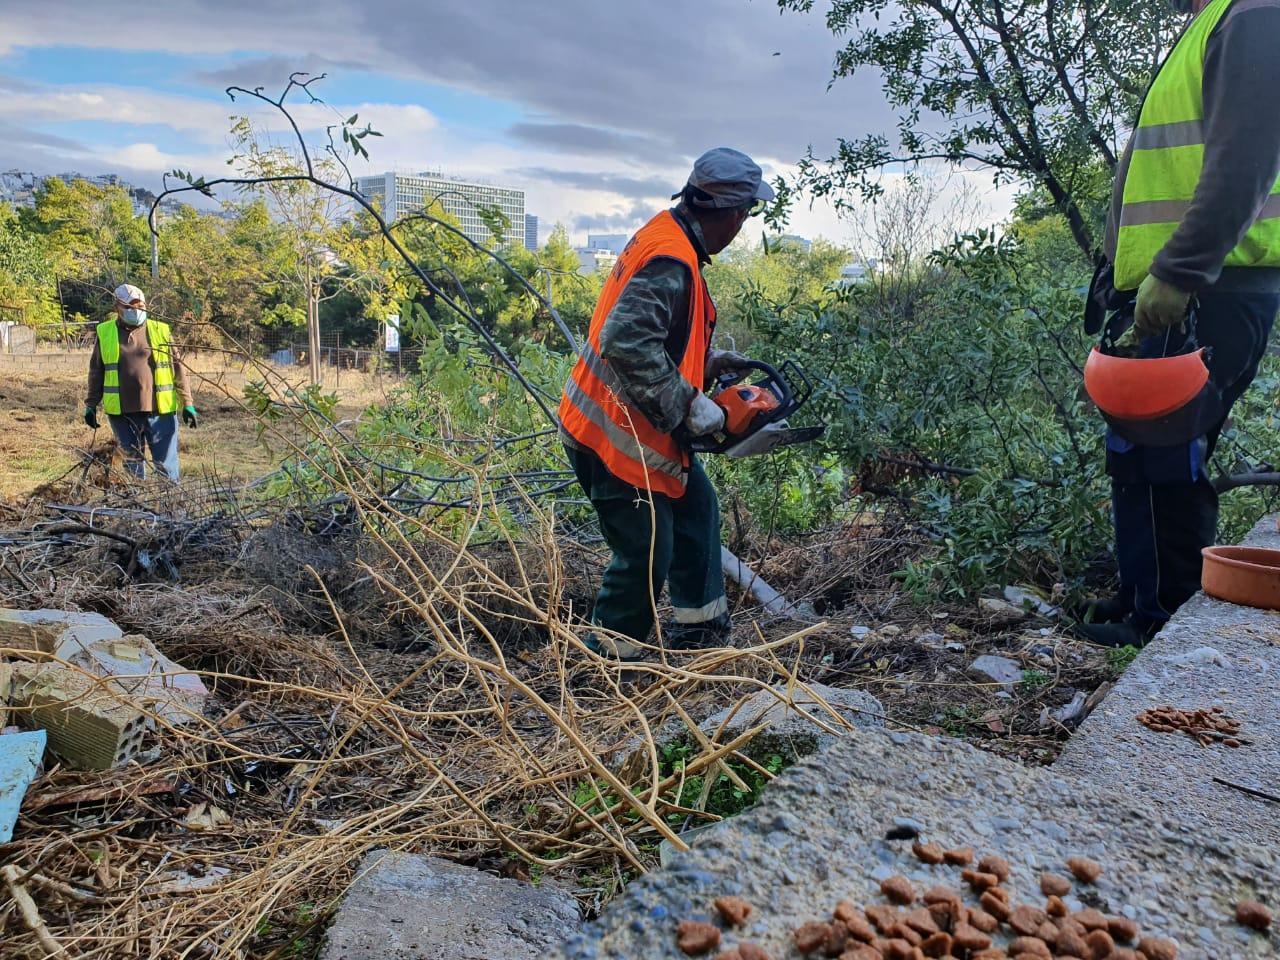 Μπακογιάννης: Τα Κουντουριώτικα επιστρέφουν στους Αθηναίους – 6 στρέμματα μεταμορφώνονται σε πνεύμονα πρασίνου